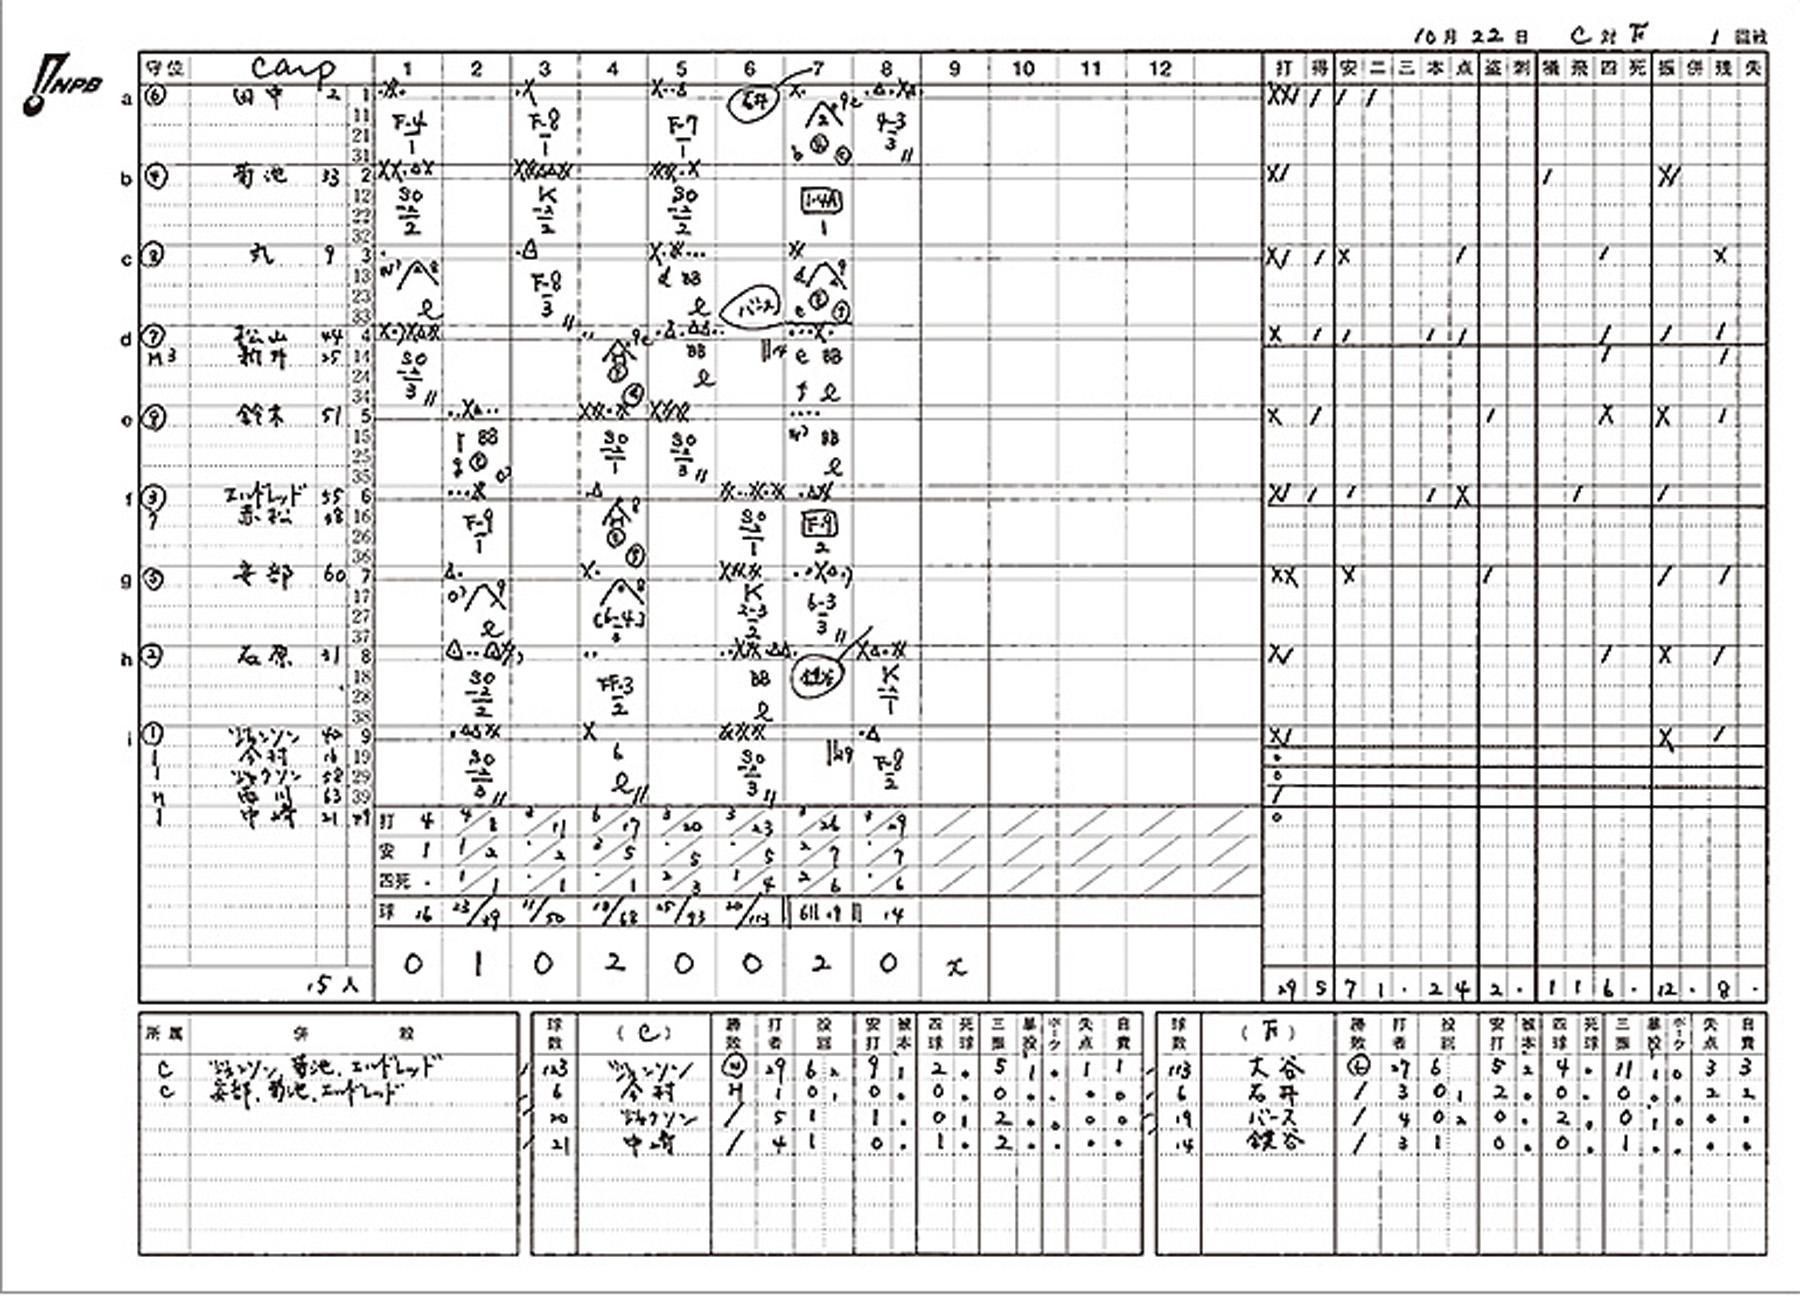 sp-npb-scorebook18